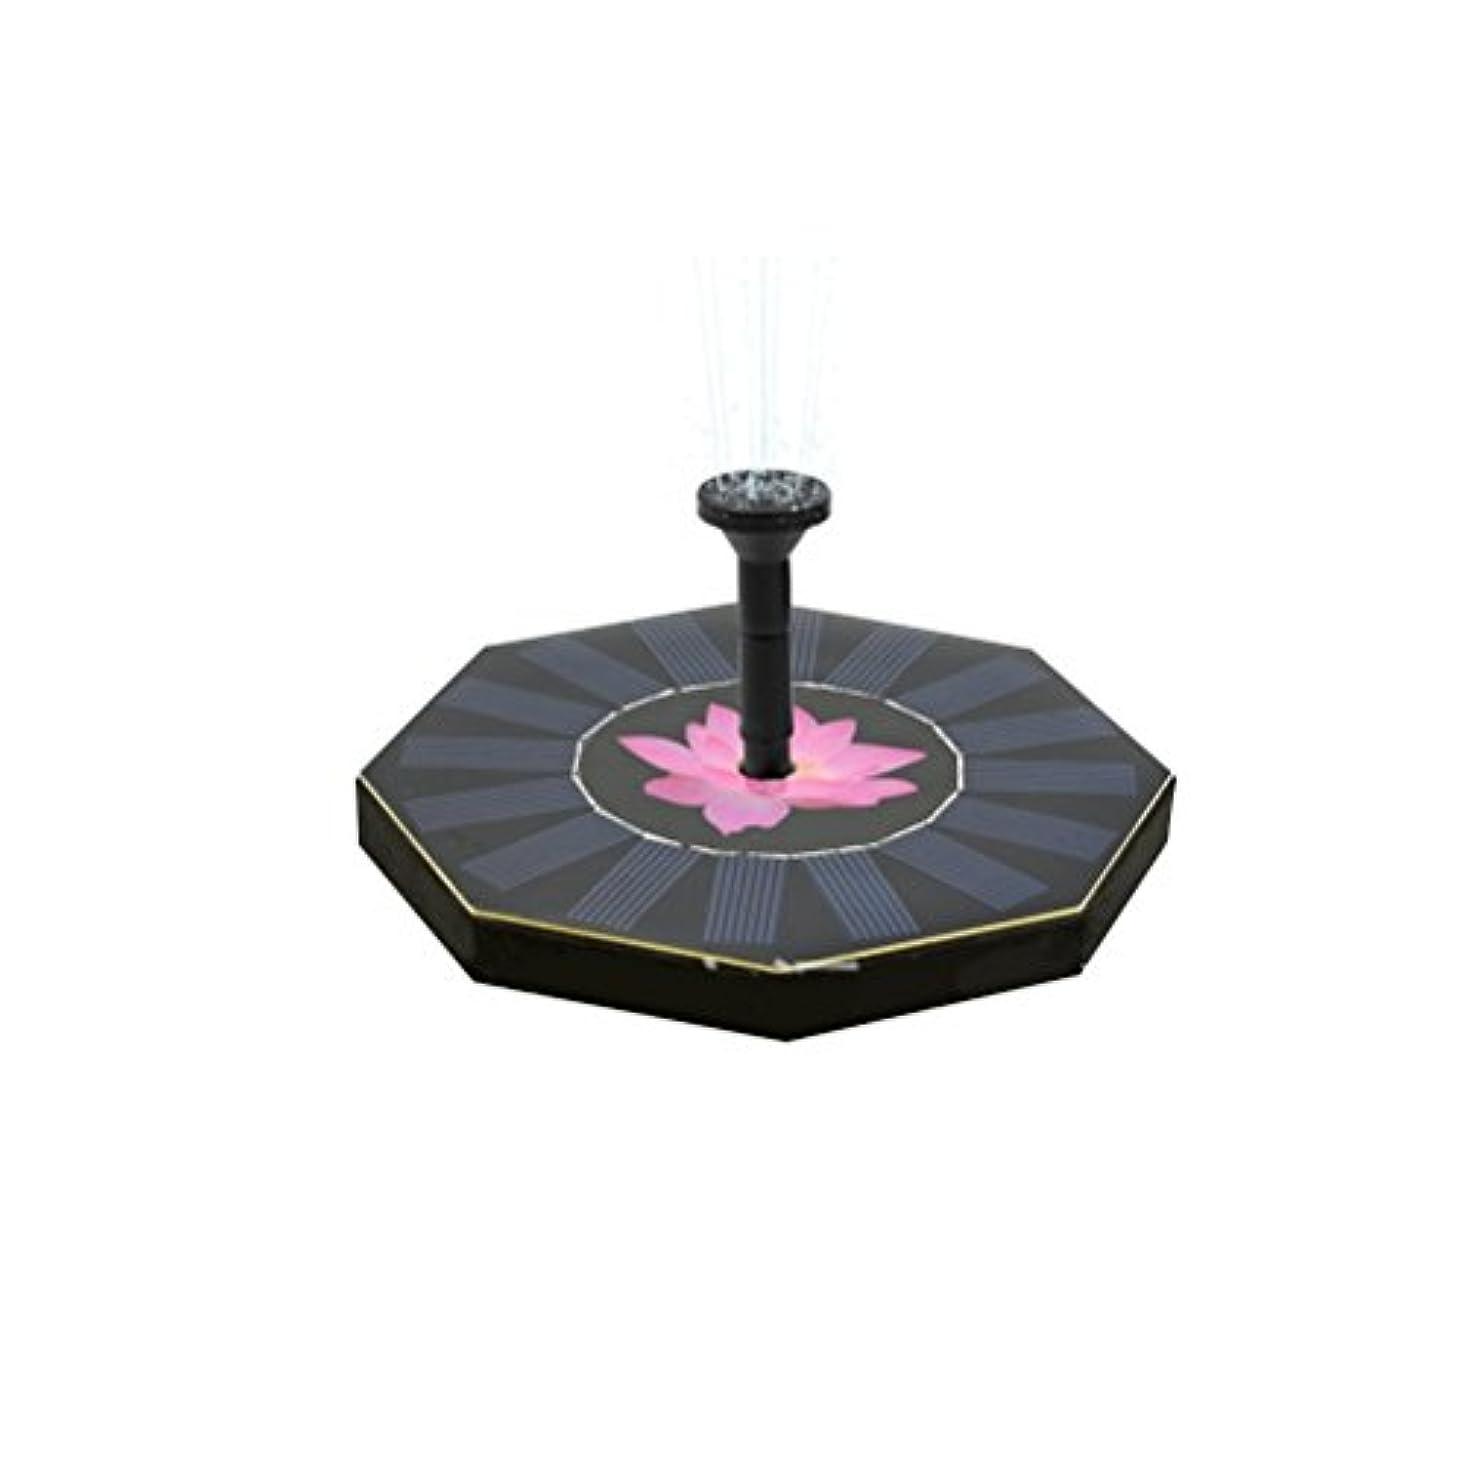 やりがいのある対ジャケットOUNONA 噴水ポンプ ポンプ ソーラー パネル 省エネ 噴水 庭 池 ガーデン 芝生 LEDライト付き 1.4w 最大流量200L/h